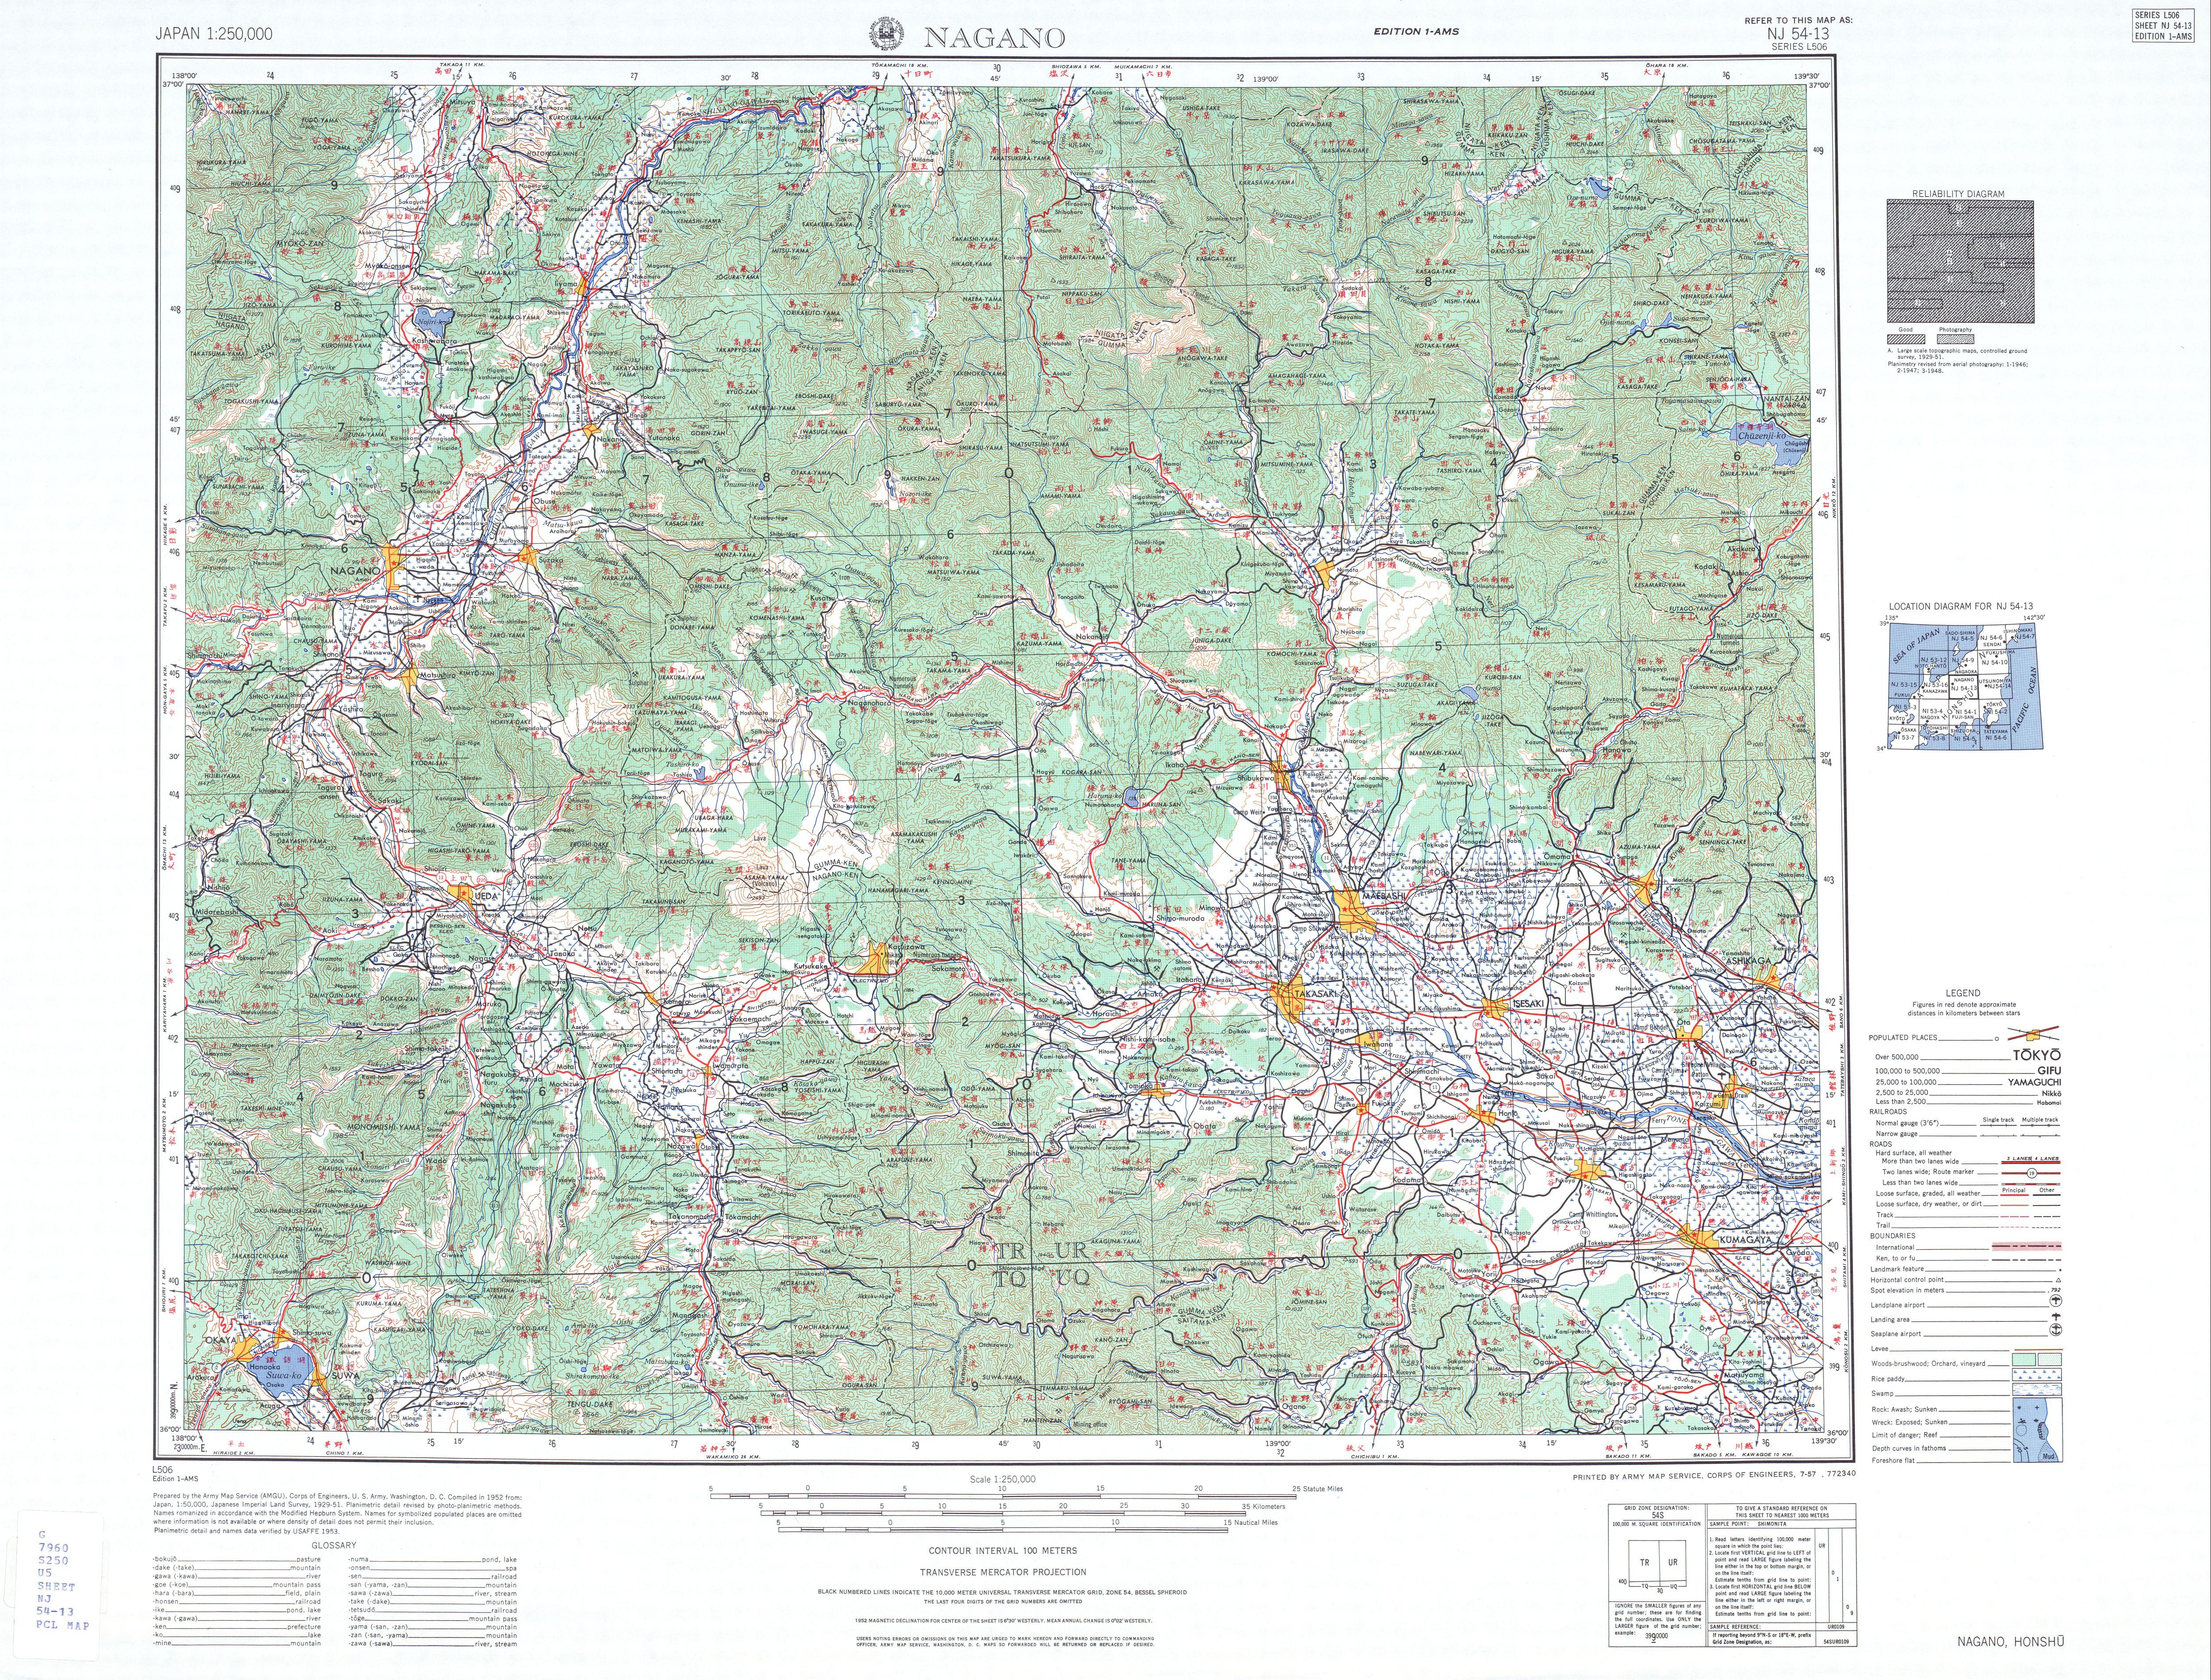 Hoja Nagano del Mapa Topográfico de Japón 1954